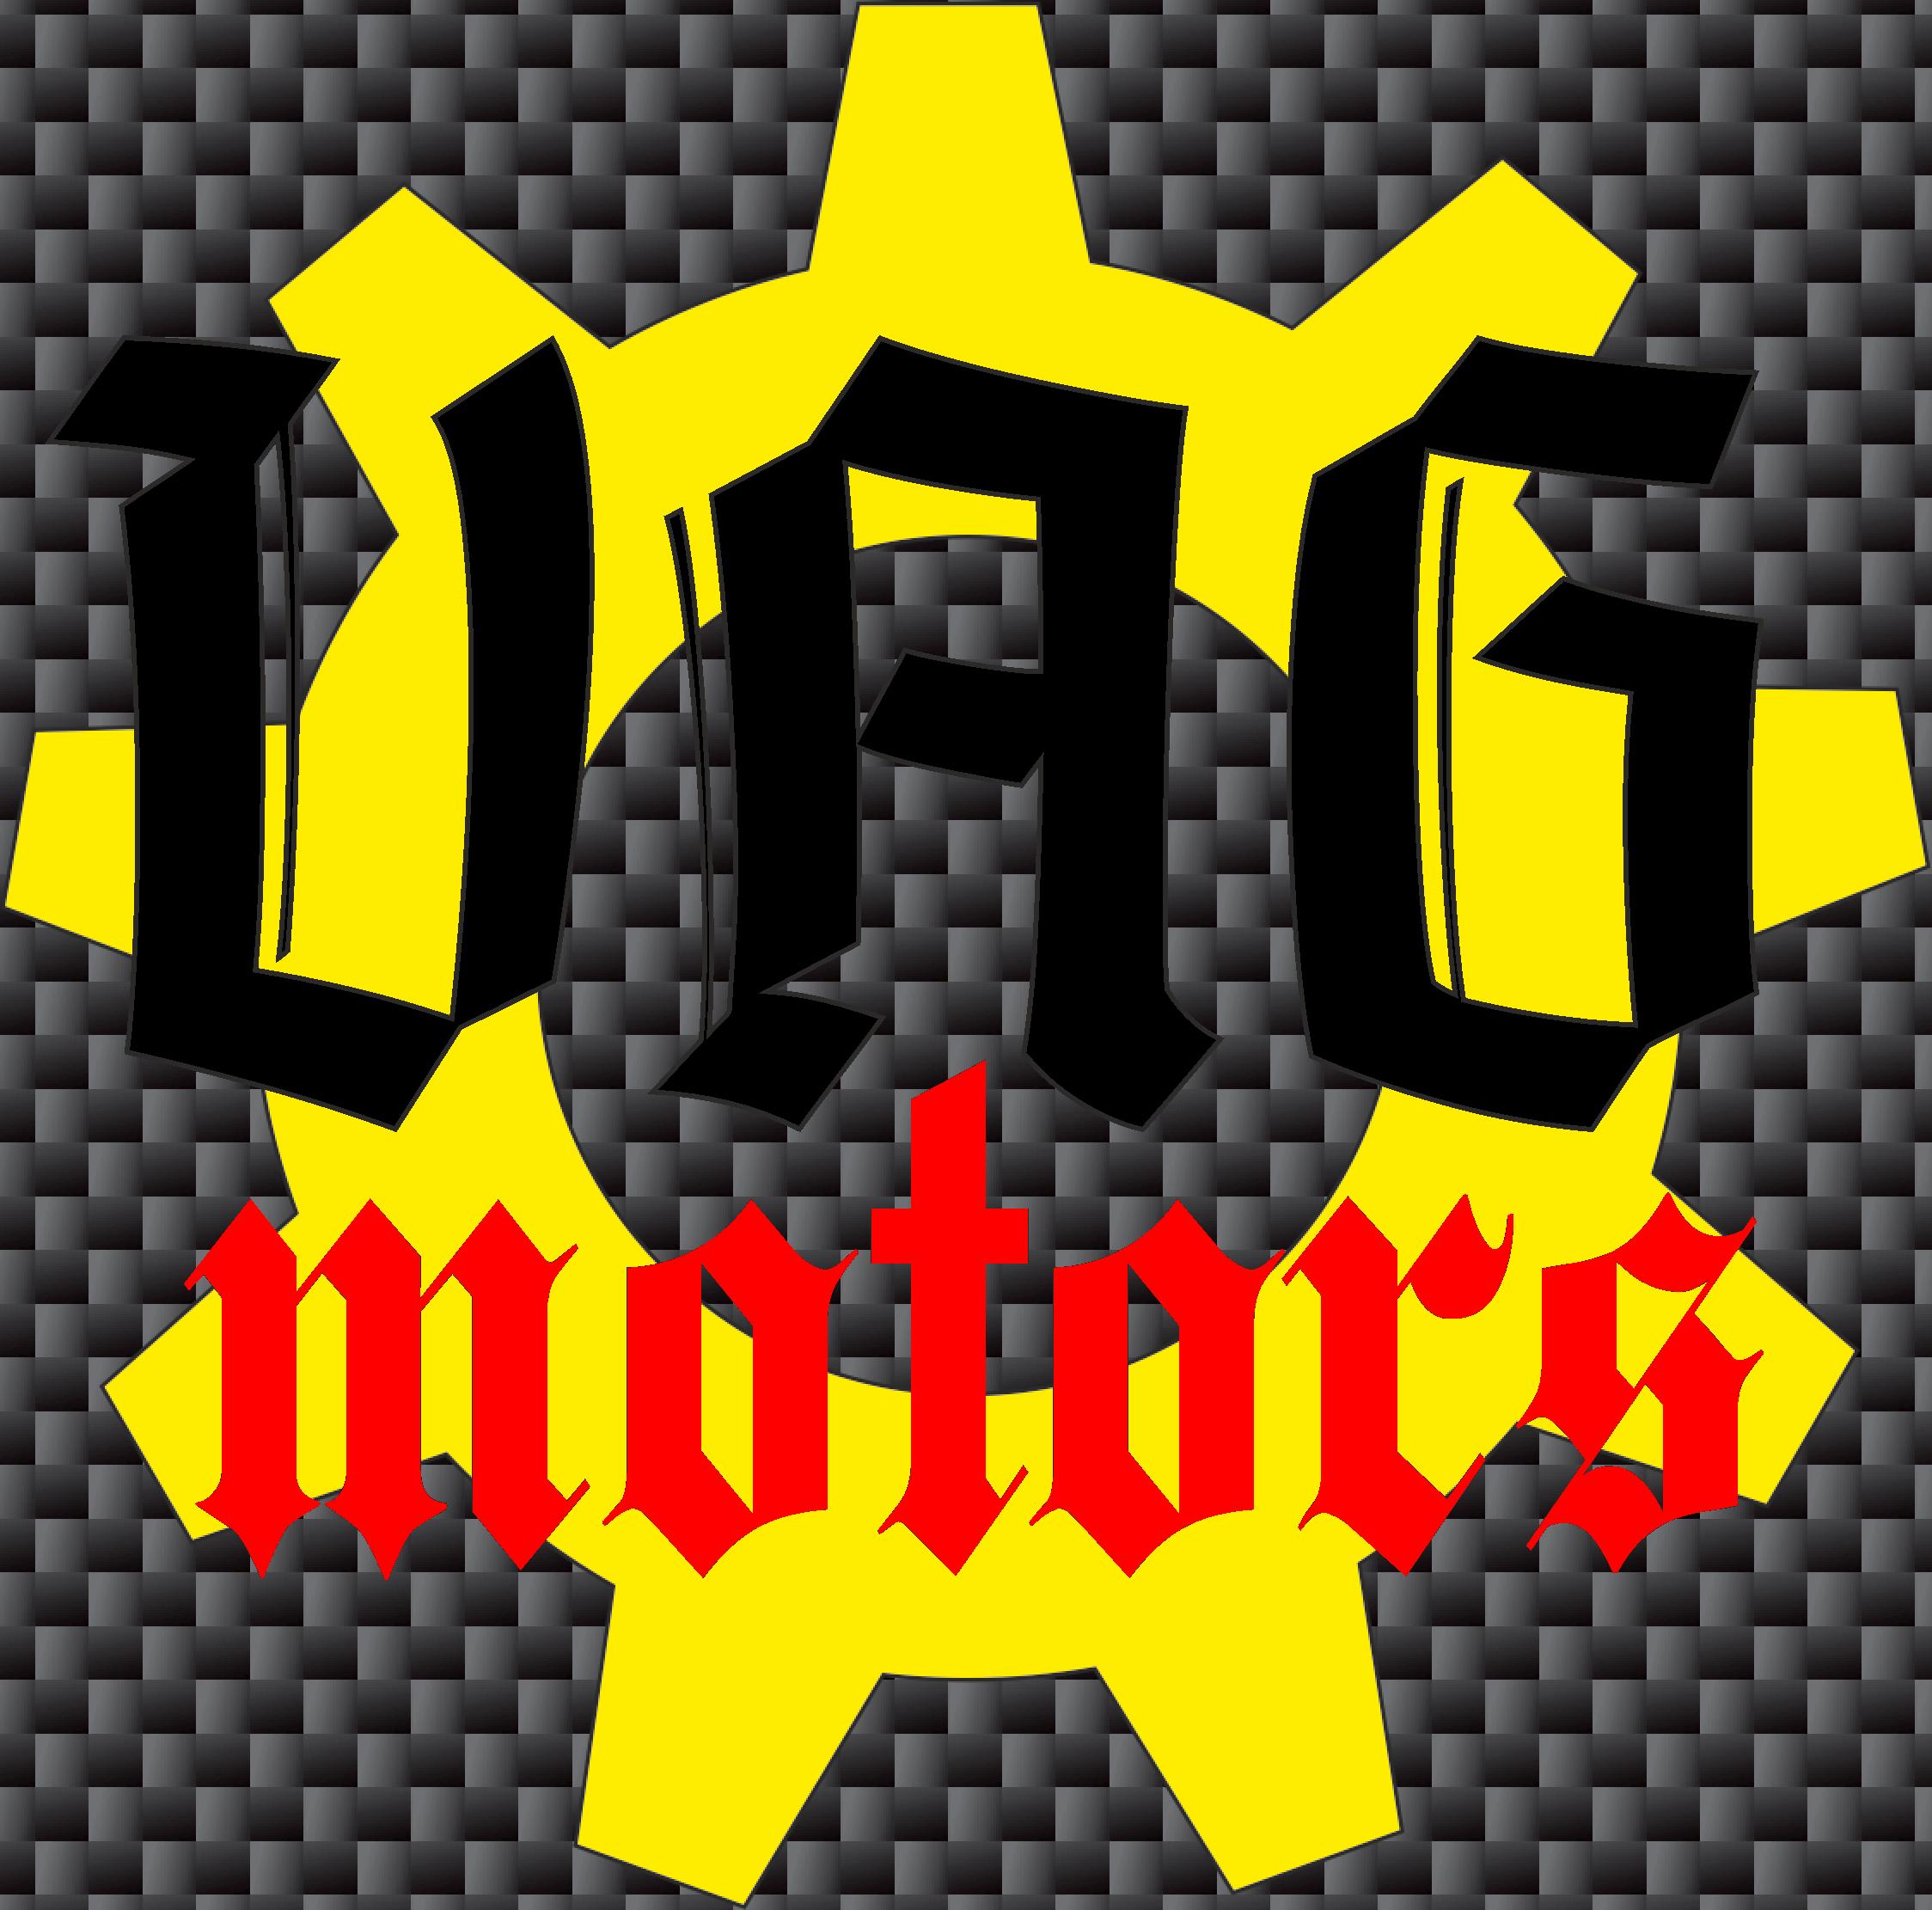 Разработать логотип автосервиса фото f_412557ef71bba729.png